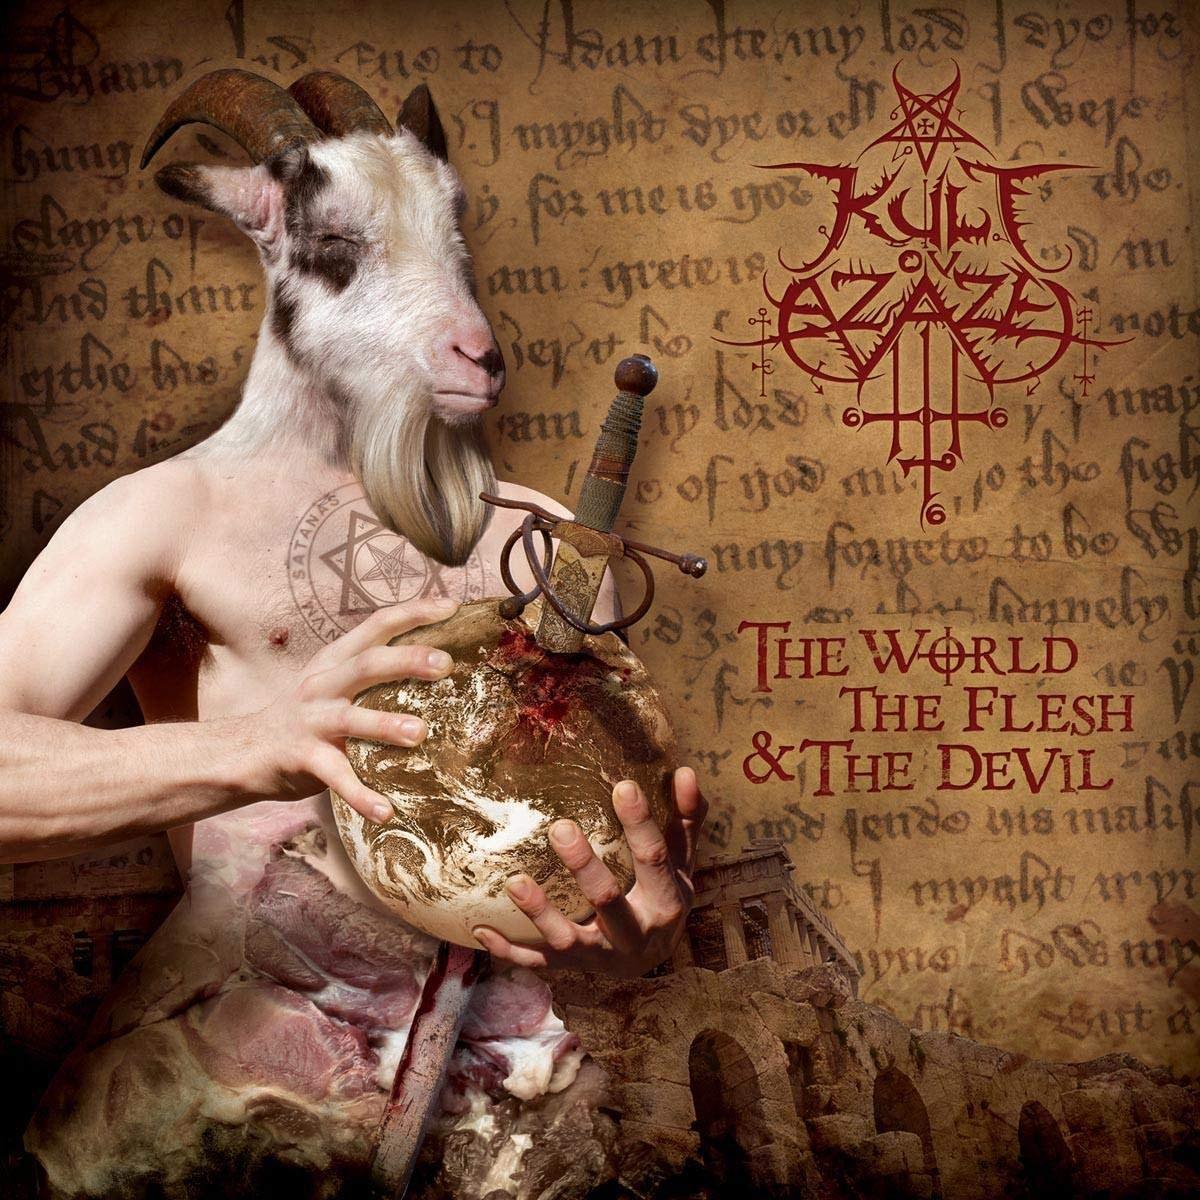 Review for Kult ov Azazel - The World, the Flesh & the Devil